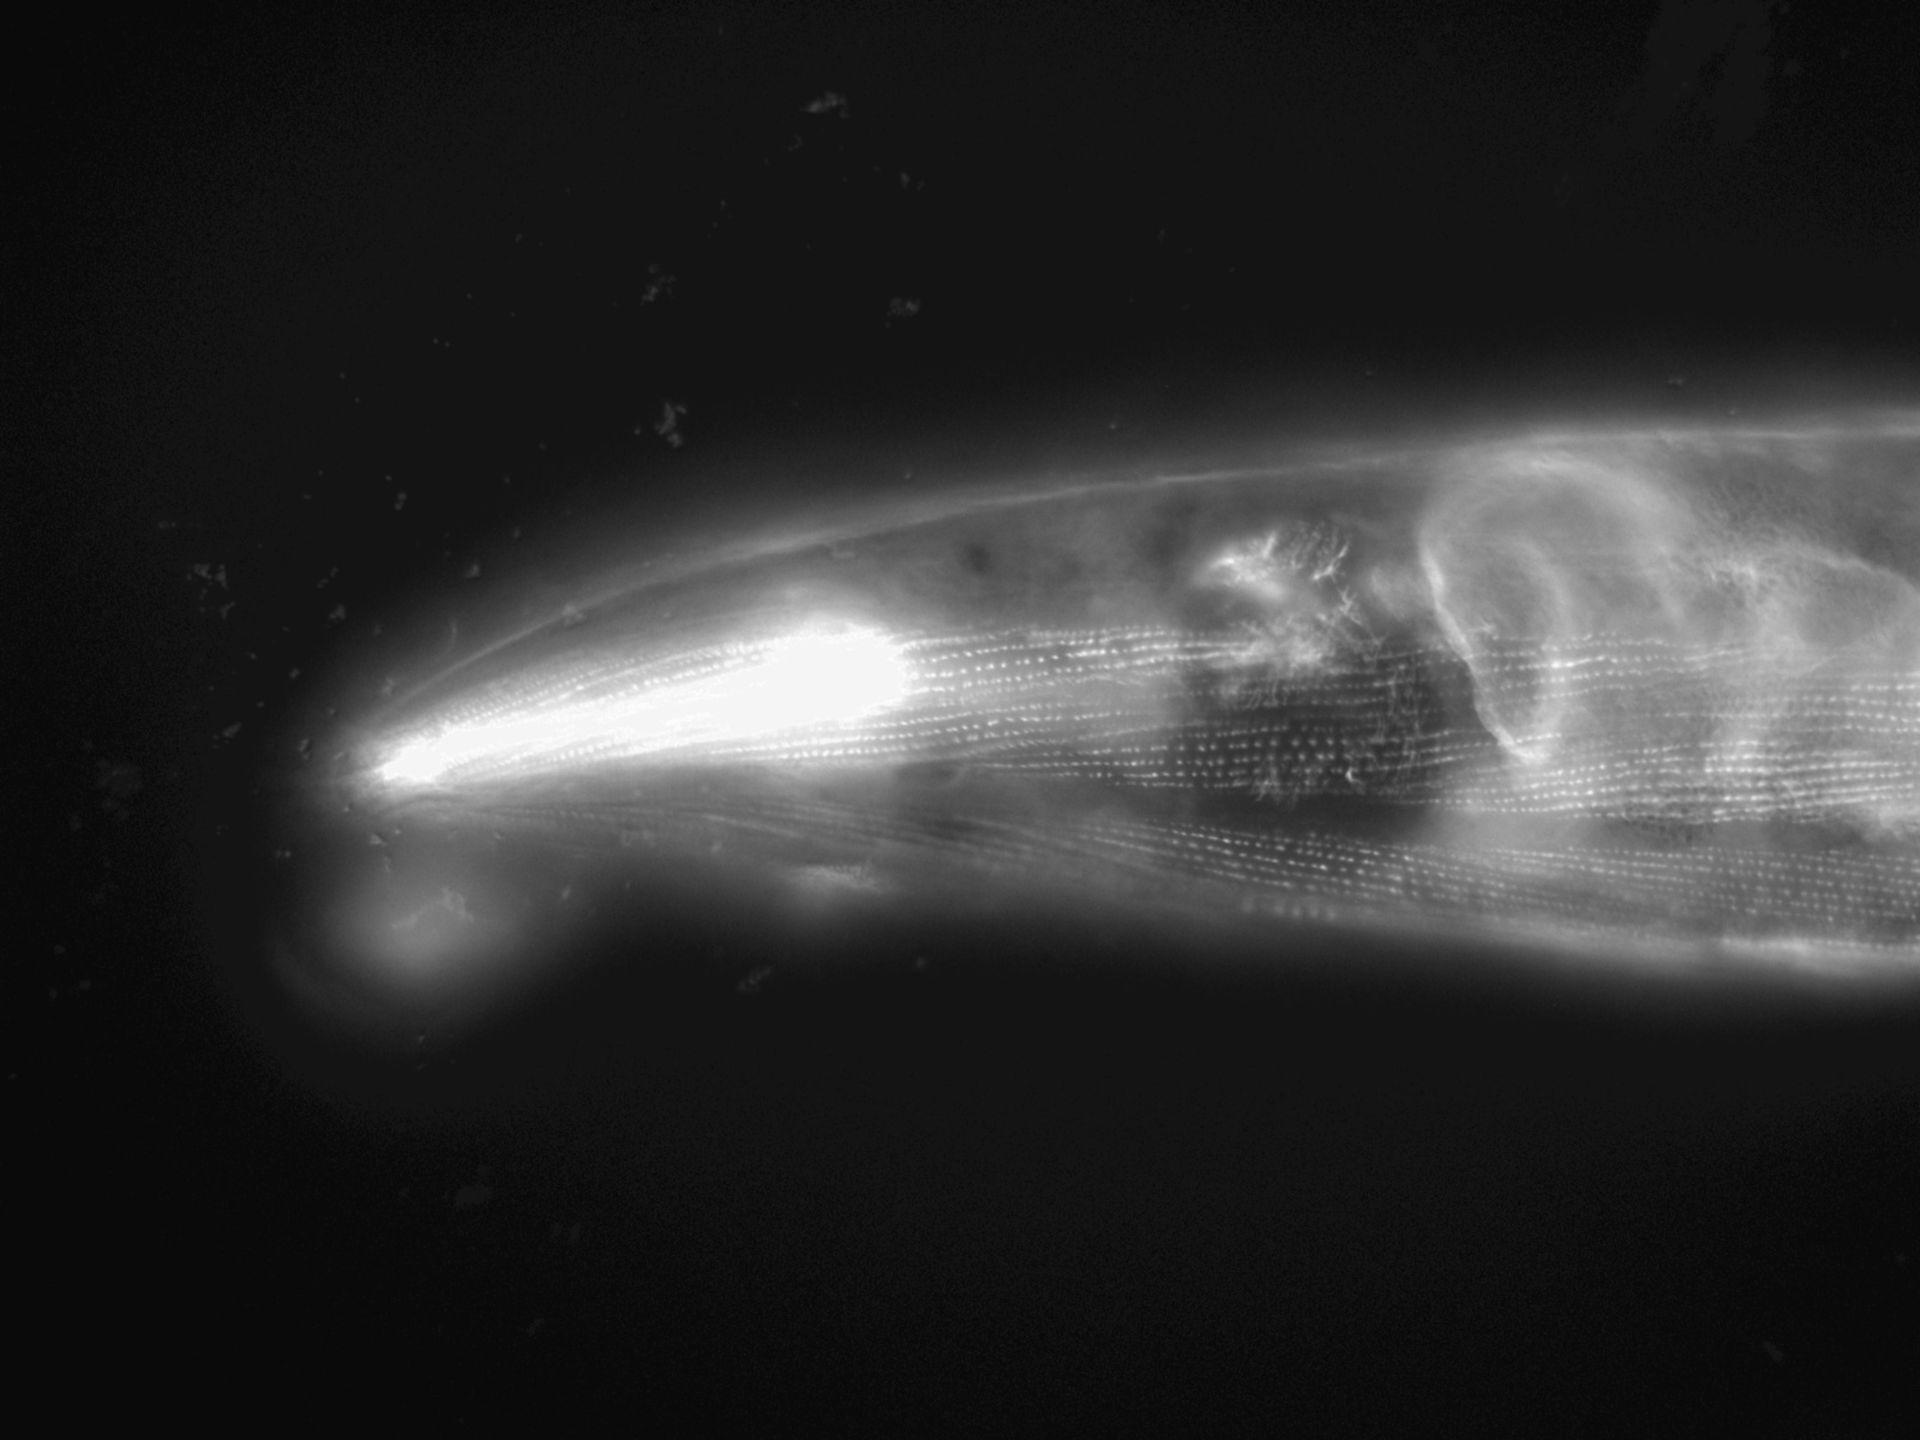 Caenorhabditis elegans (Actin filament) - CIL:1179